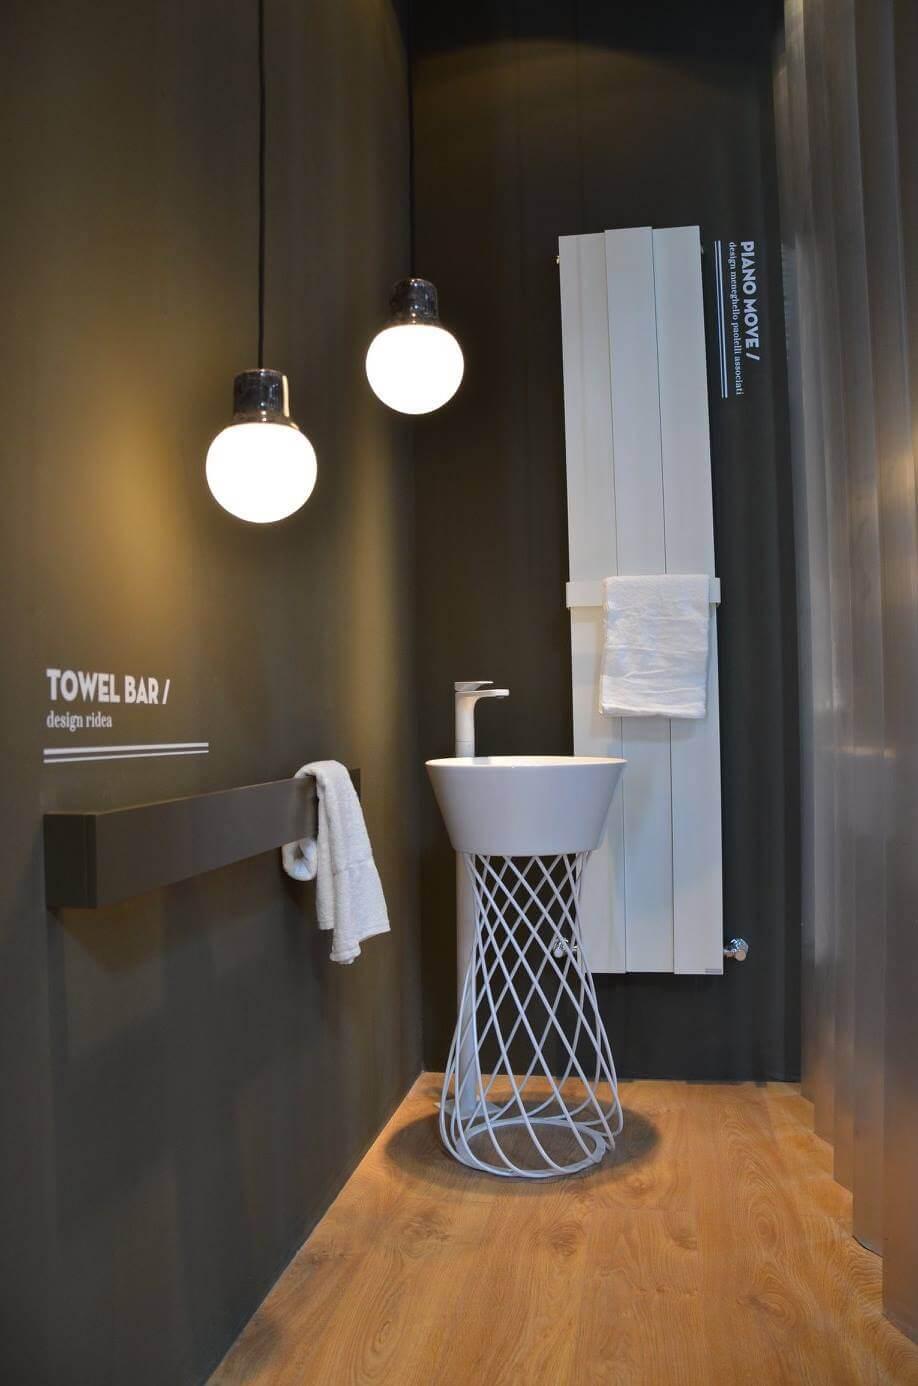 Ausstellung für Keramik in dem Bauwesen und für die Badausstattung.